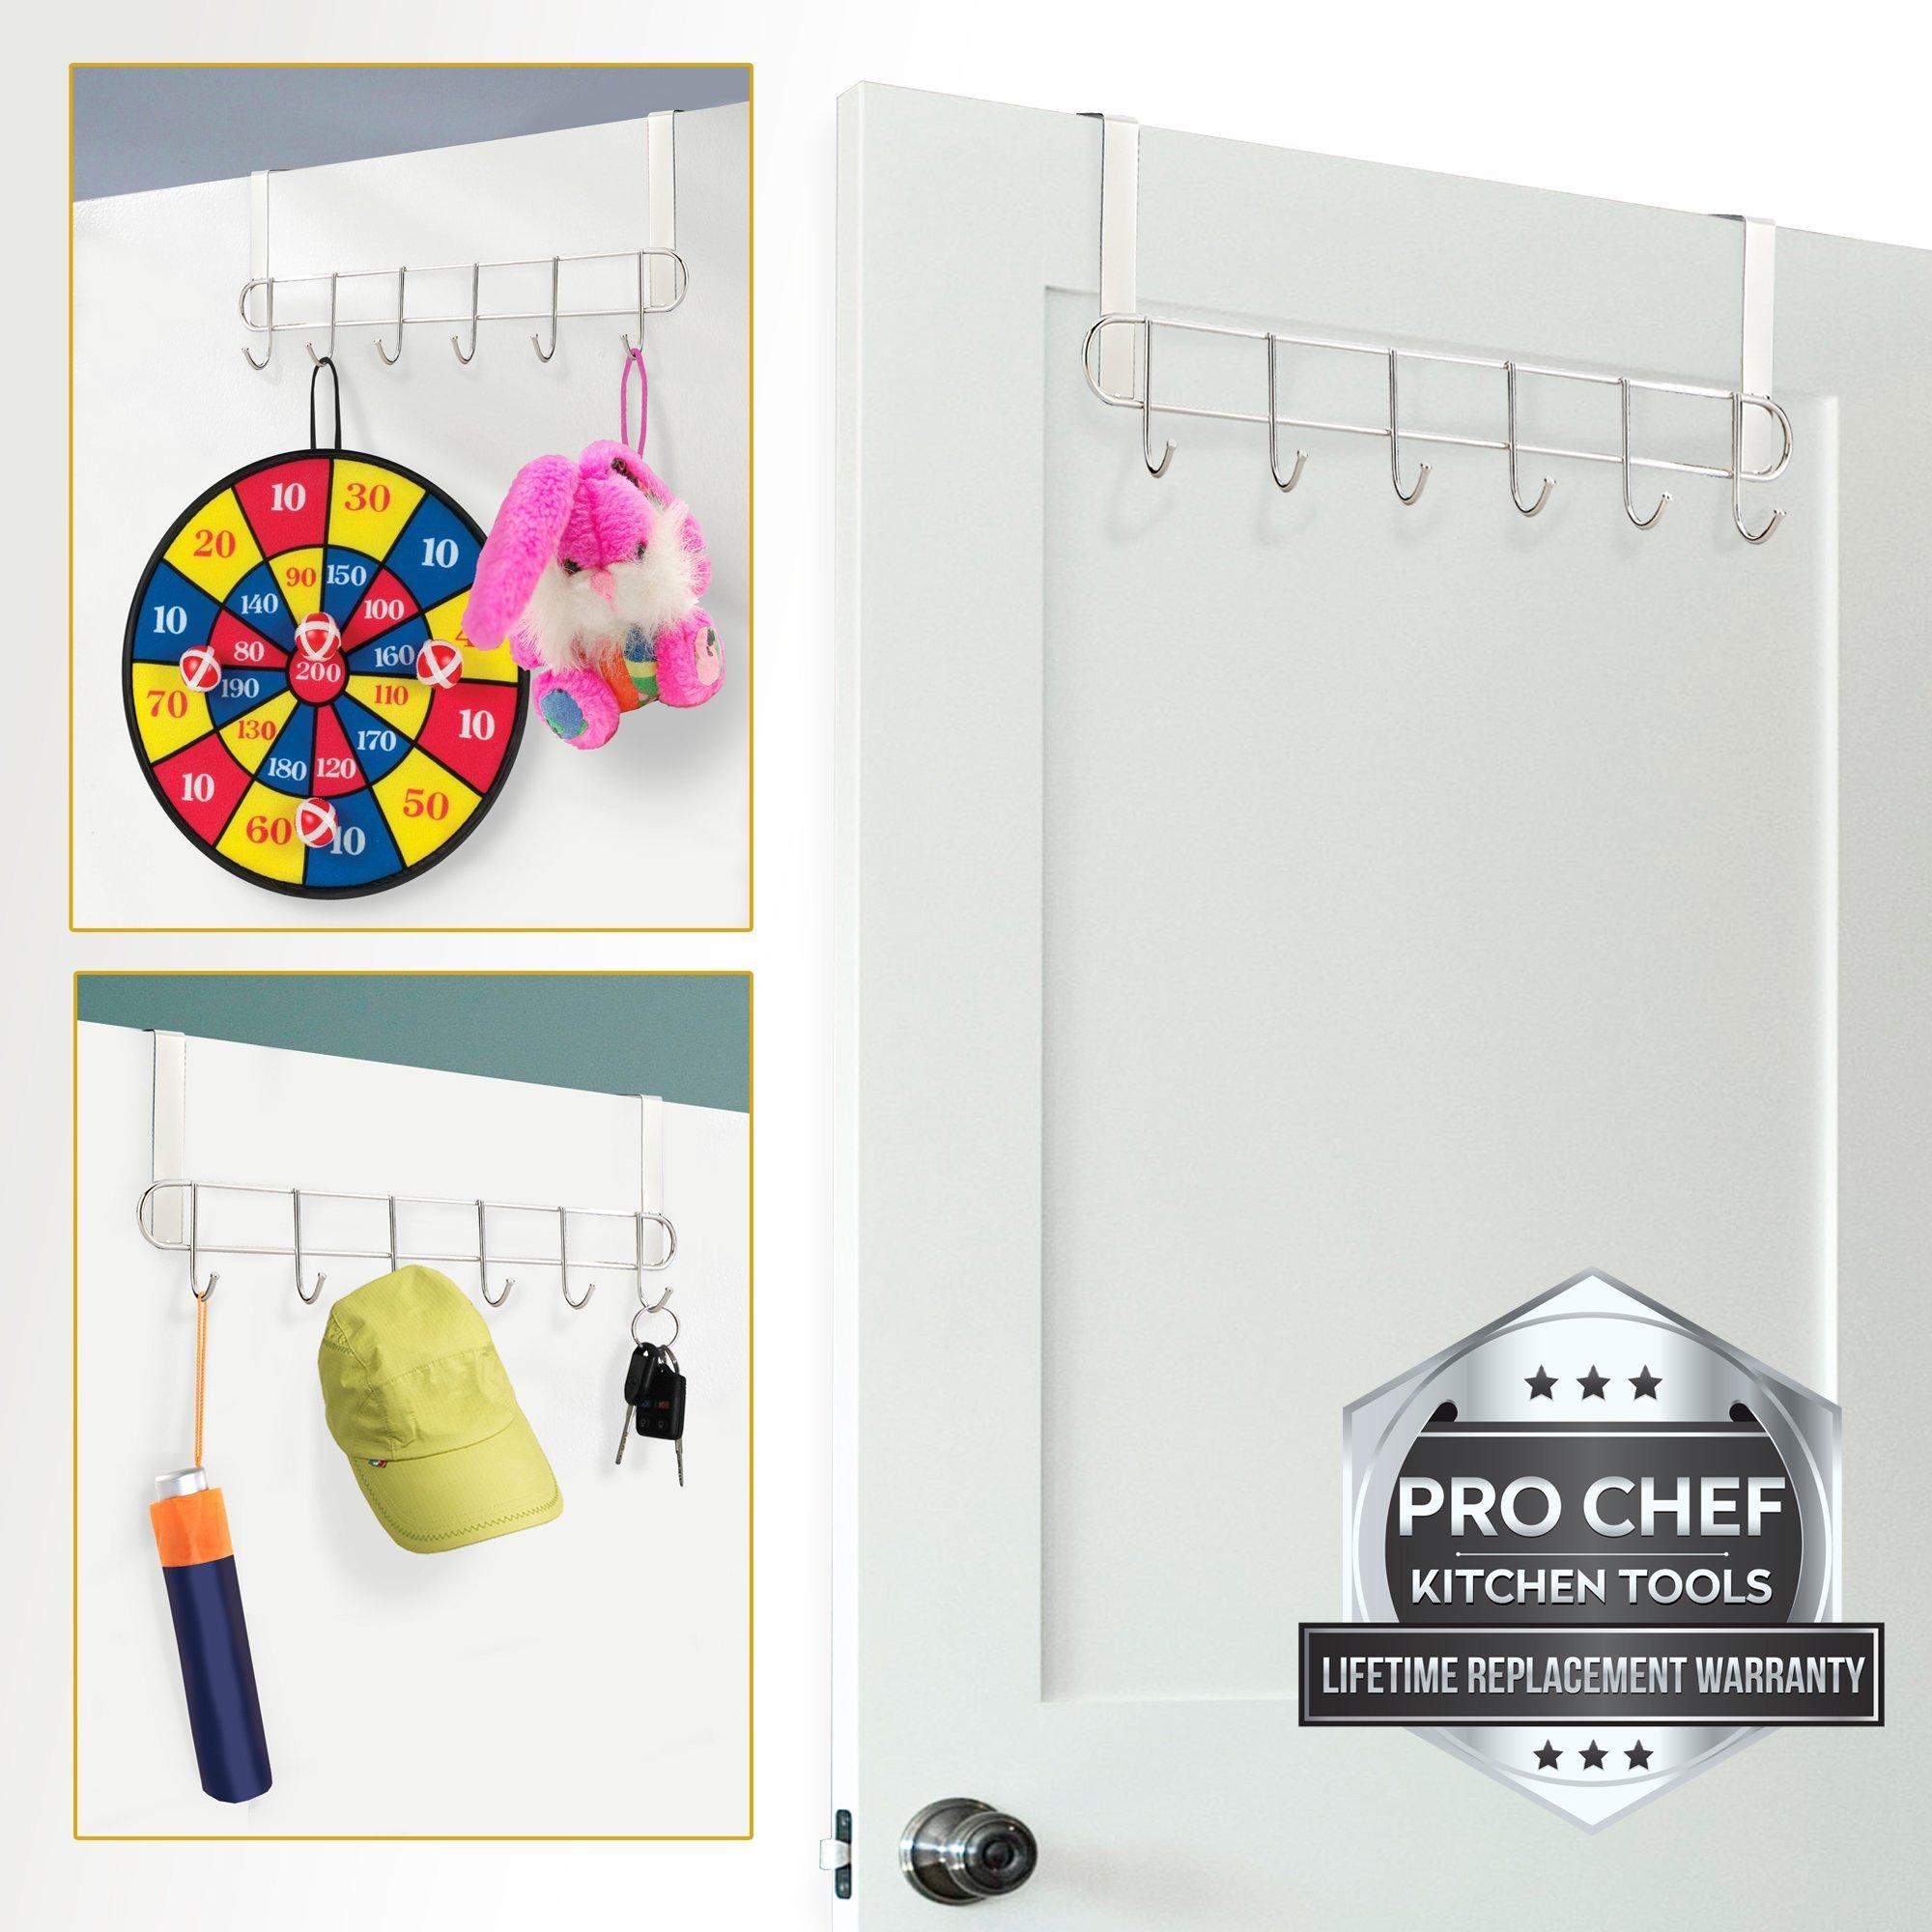 Pro Chef Kitchen Tools Over The Door Hook - General Purpose Storage Racks - 6 Coat Hooks - No Drill Towel Rack For Bathroom Storage Closet - Behind The Door Organizer Clothes Rack - Key Broom Hanger